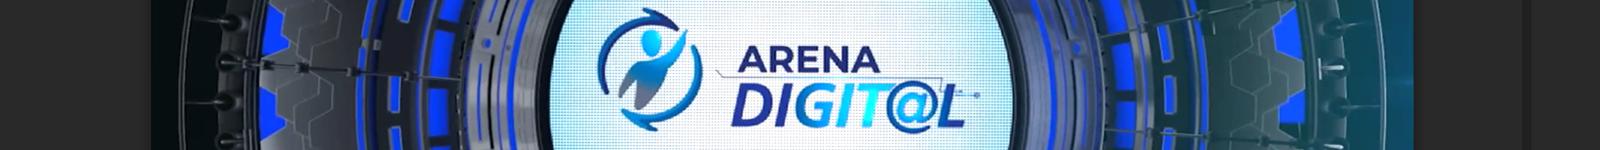 banner arena digital